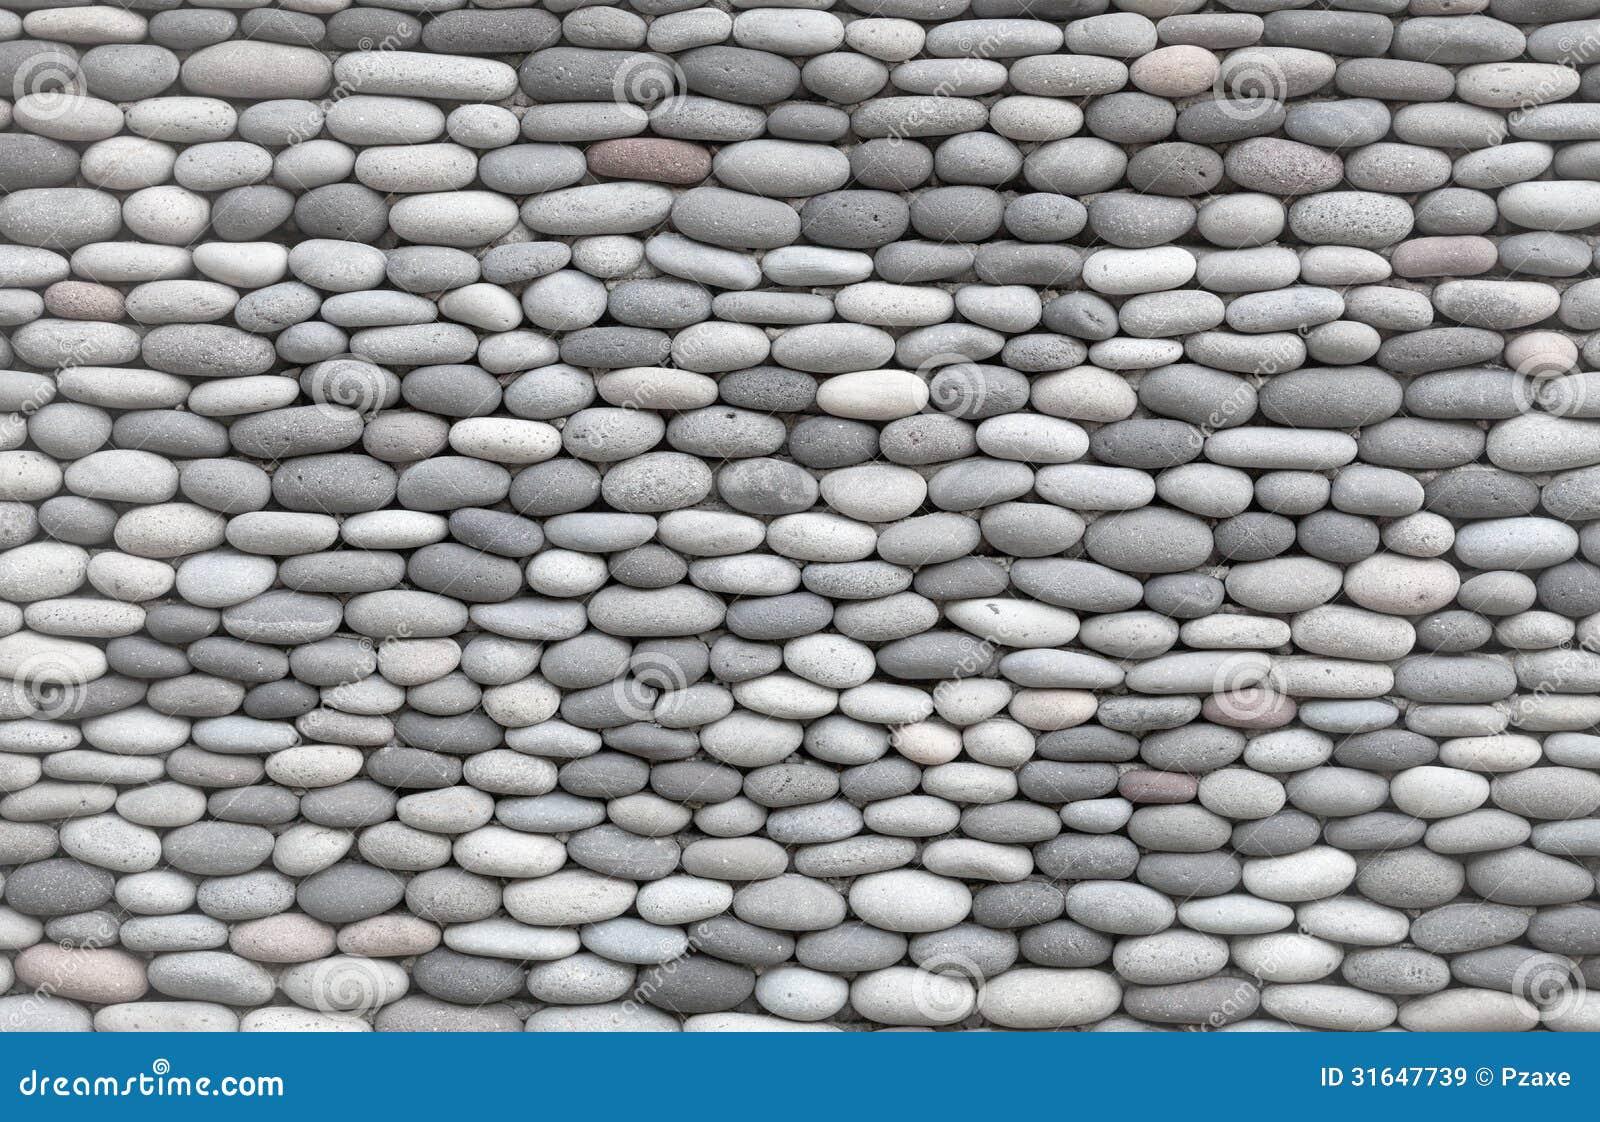 zwarte stenen muur achtergrond - photo #38